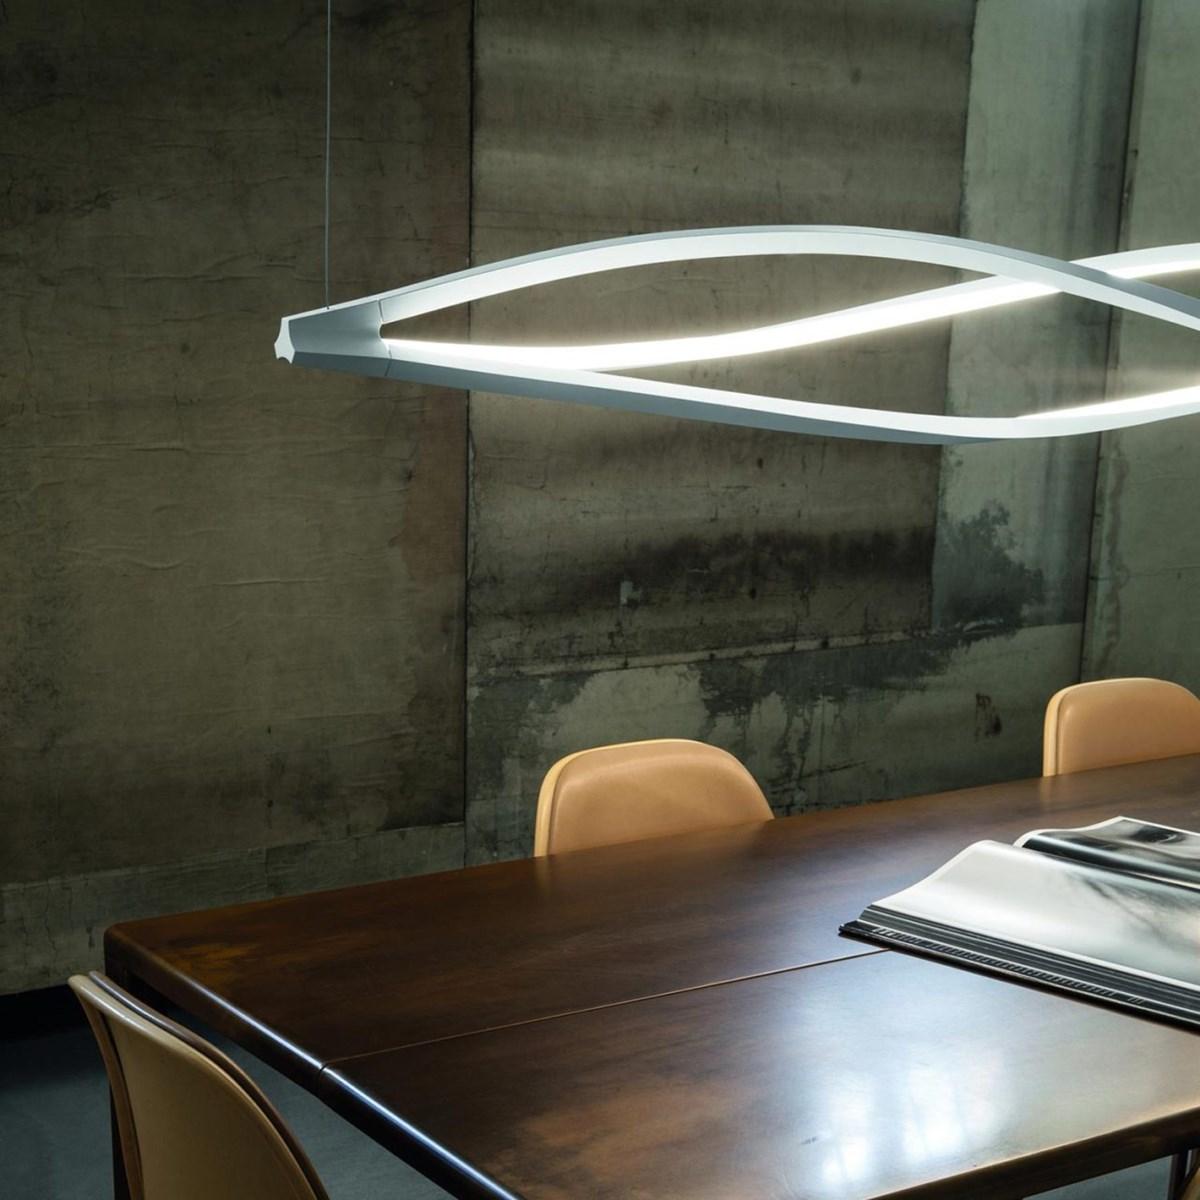 Nemo-Arihiro-Miyake-In-The-Wind-Horizontal-Pendant-Lamp-Matisse-2